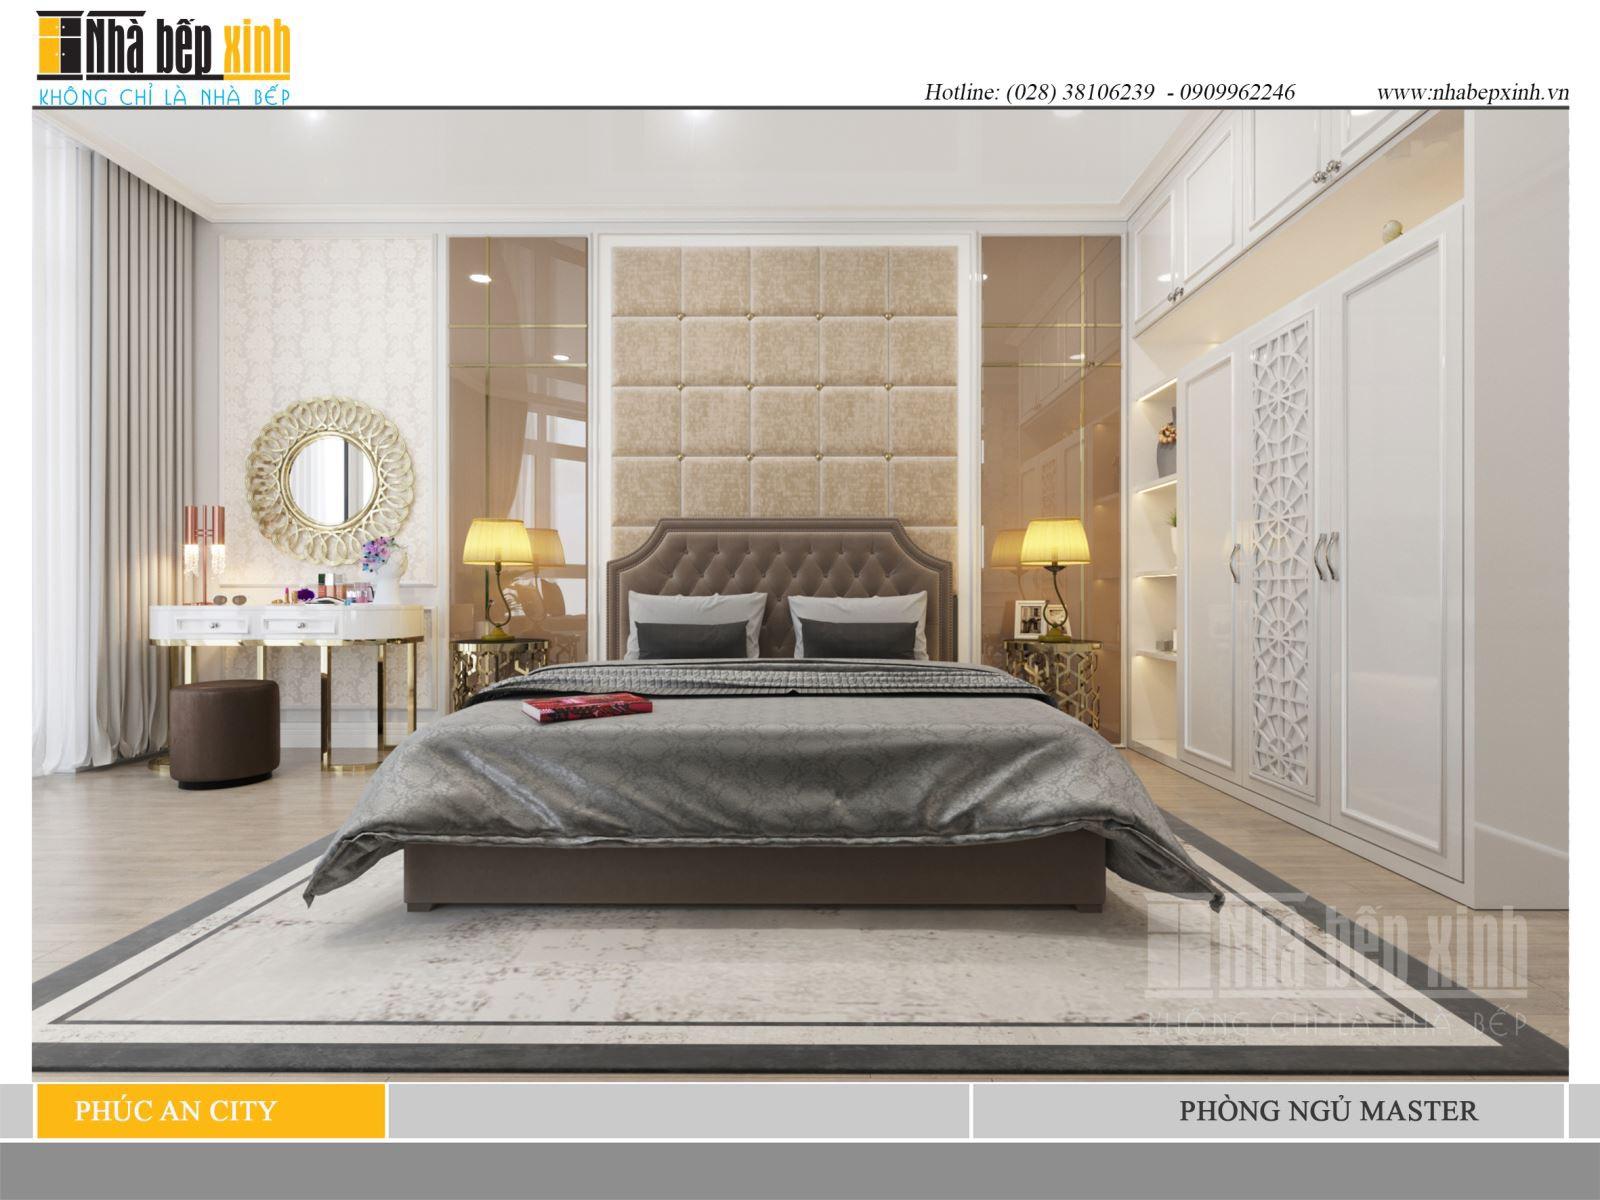 Nhà Bếp Xinh thiết kế và thi công nội thất trên toàn quốc